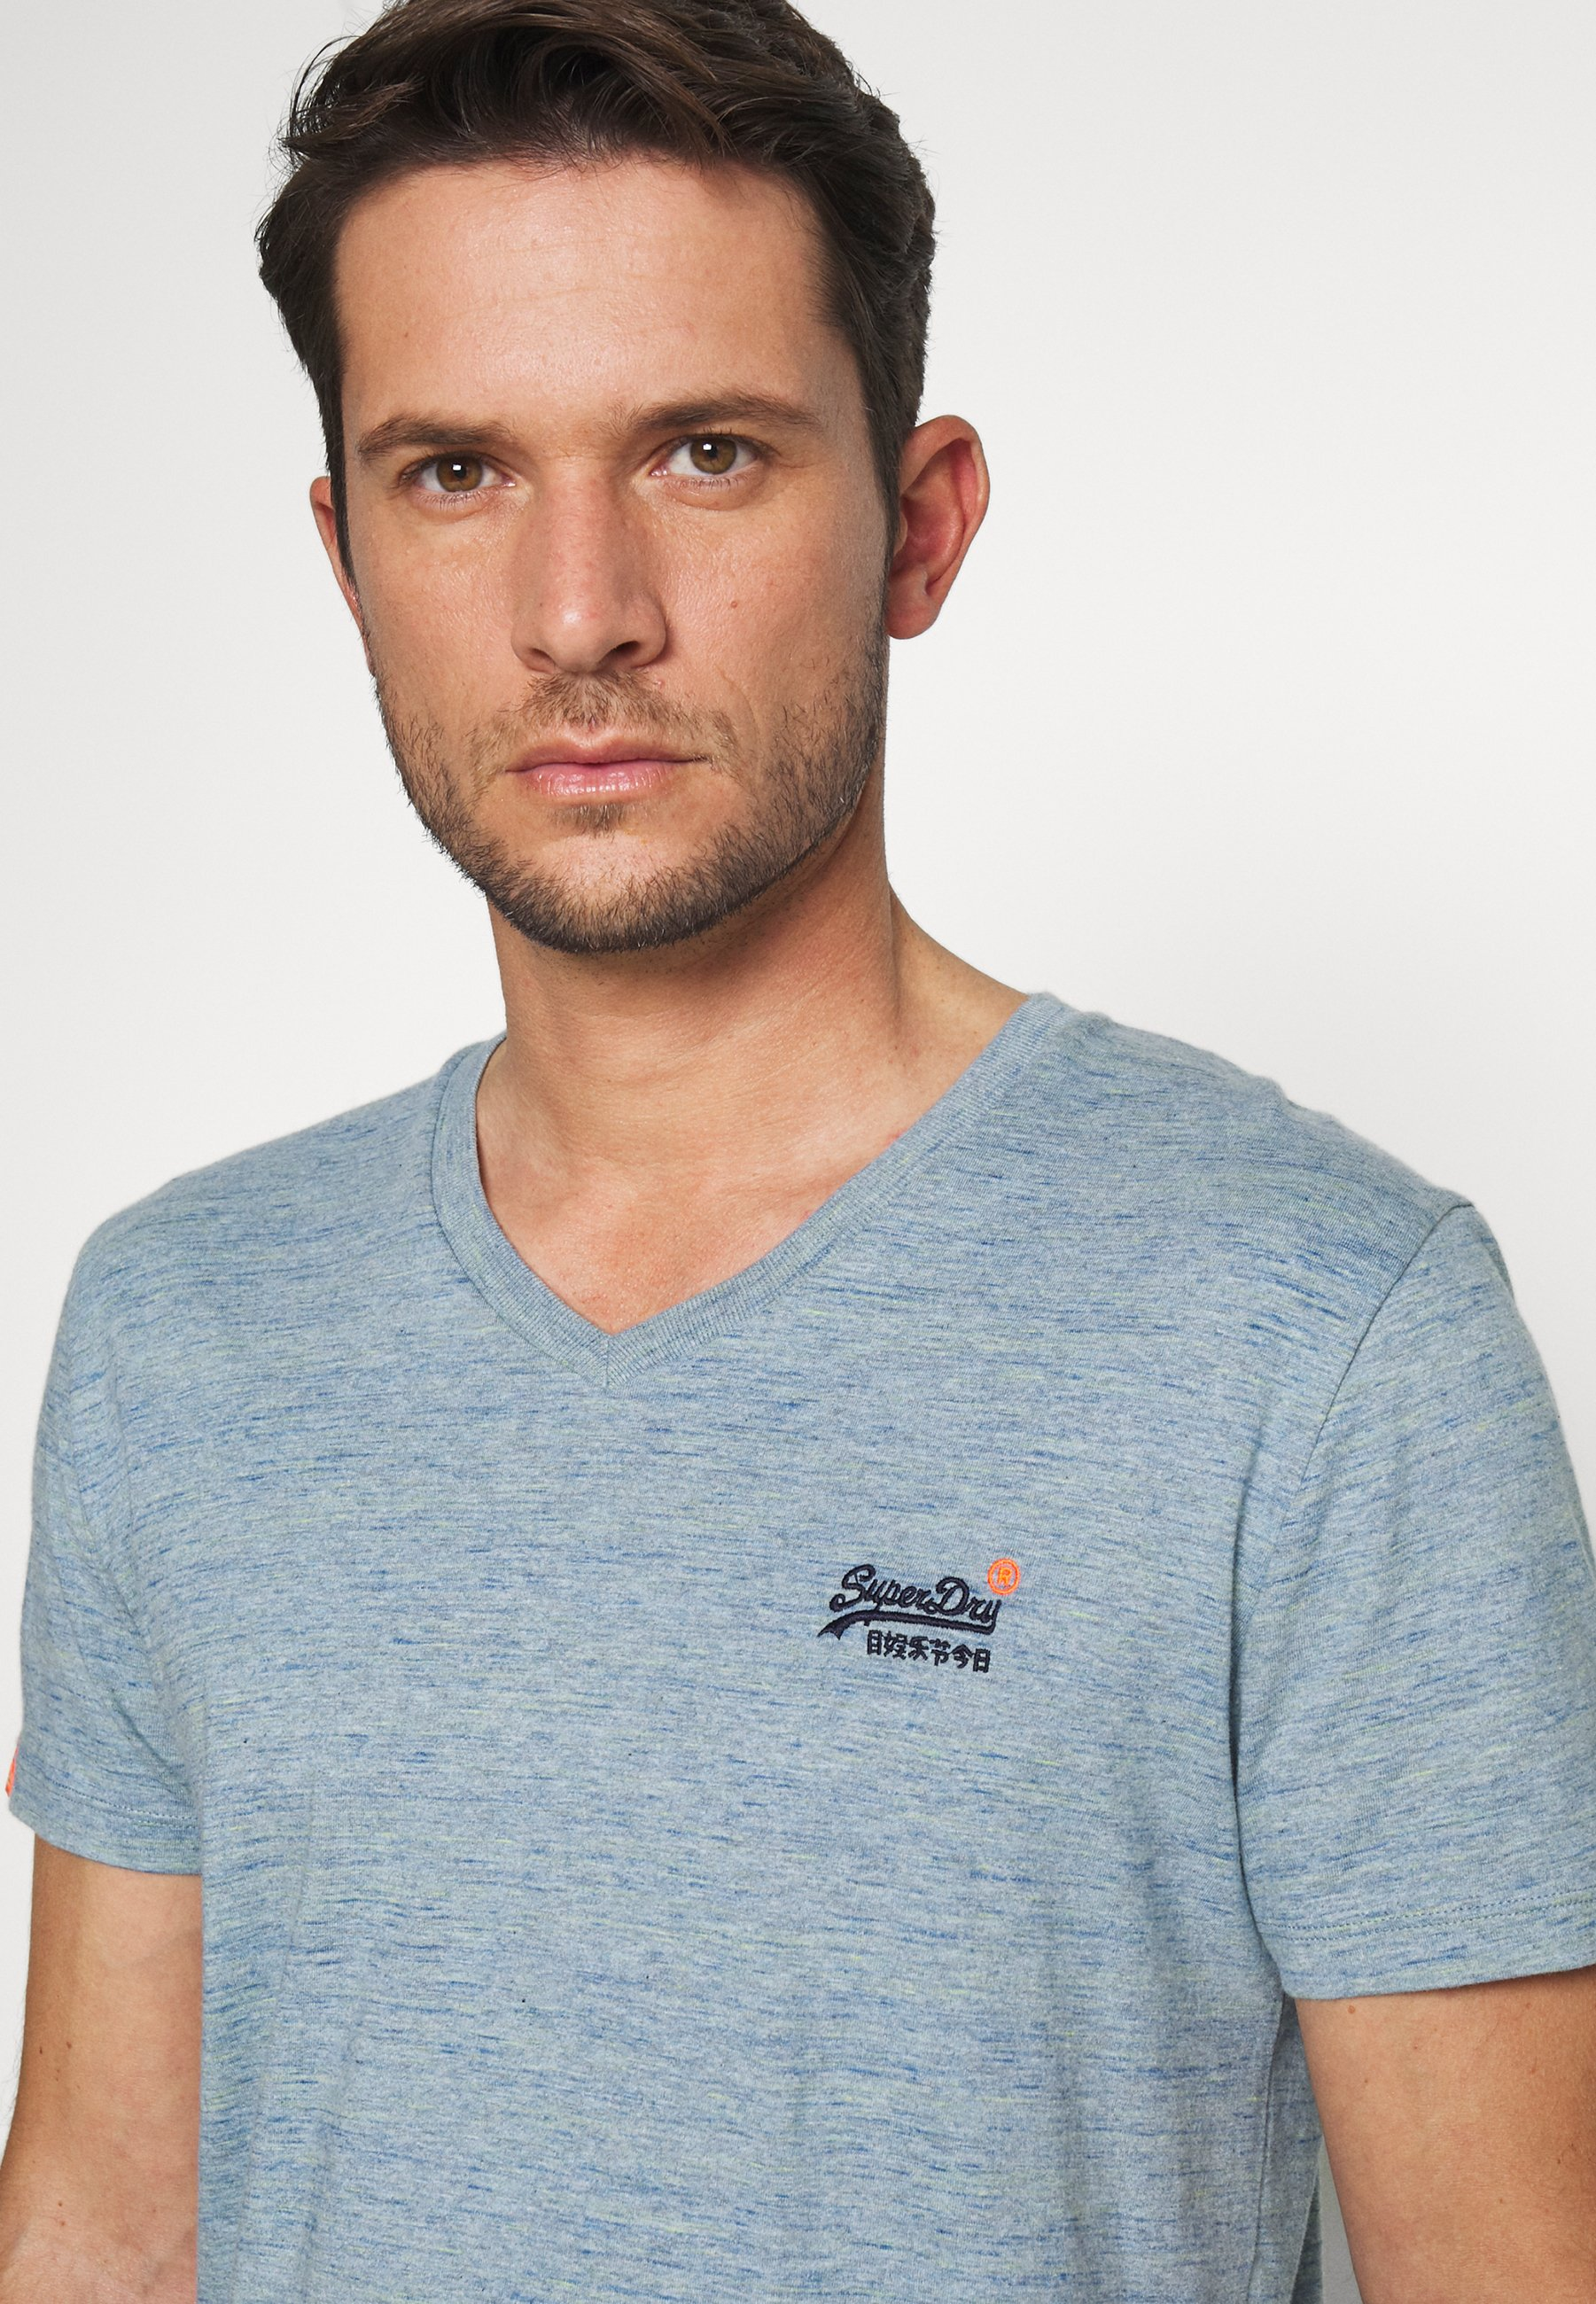 Superdry Basic T-shirt - sky blue CqZlj